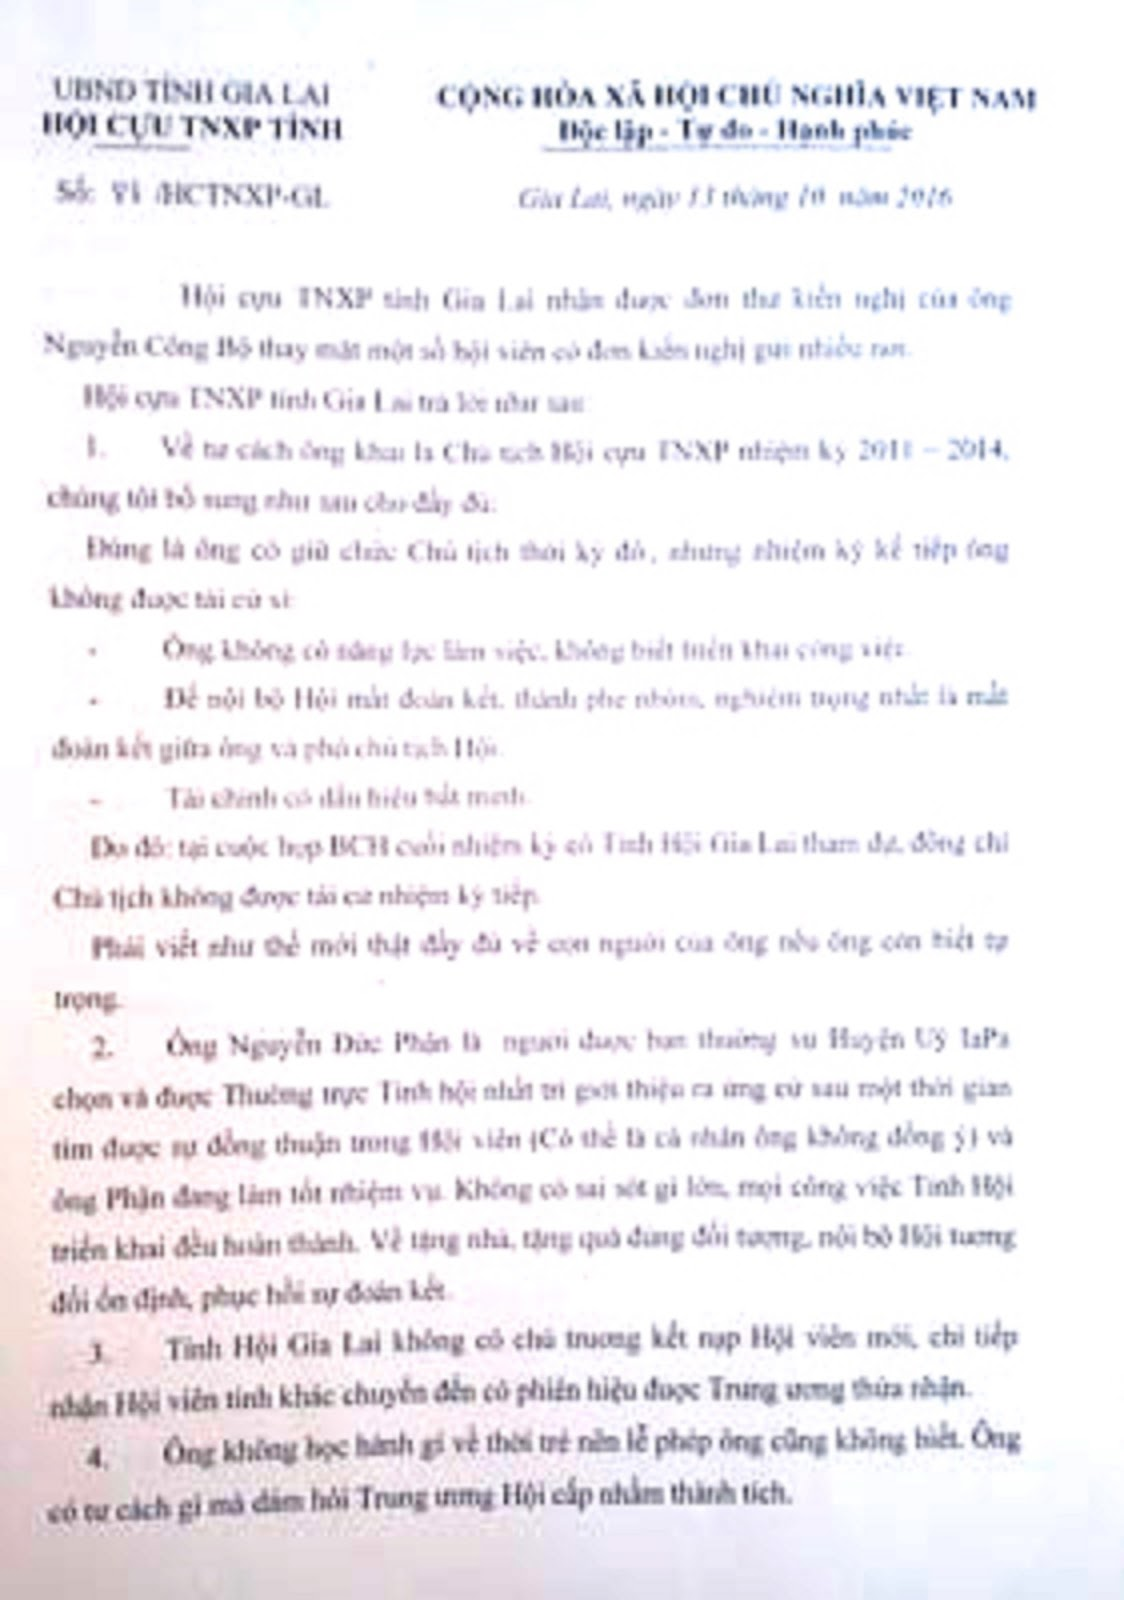 Gia Lai: Hội Cựu TNXP Gia Lai ra văn bản mạt sát hội viên